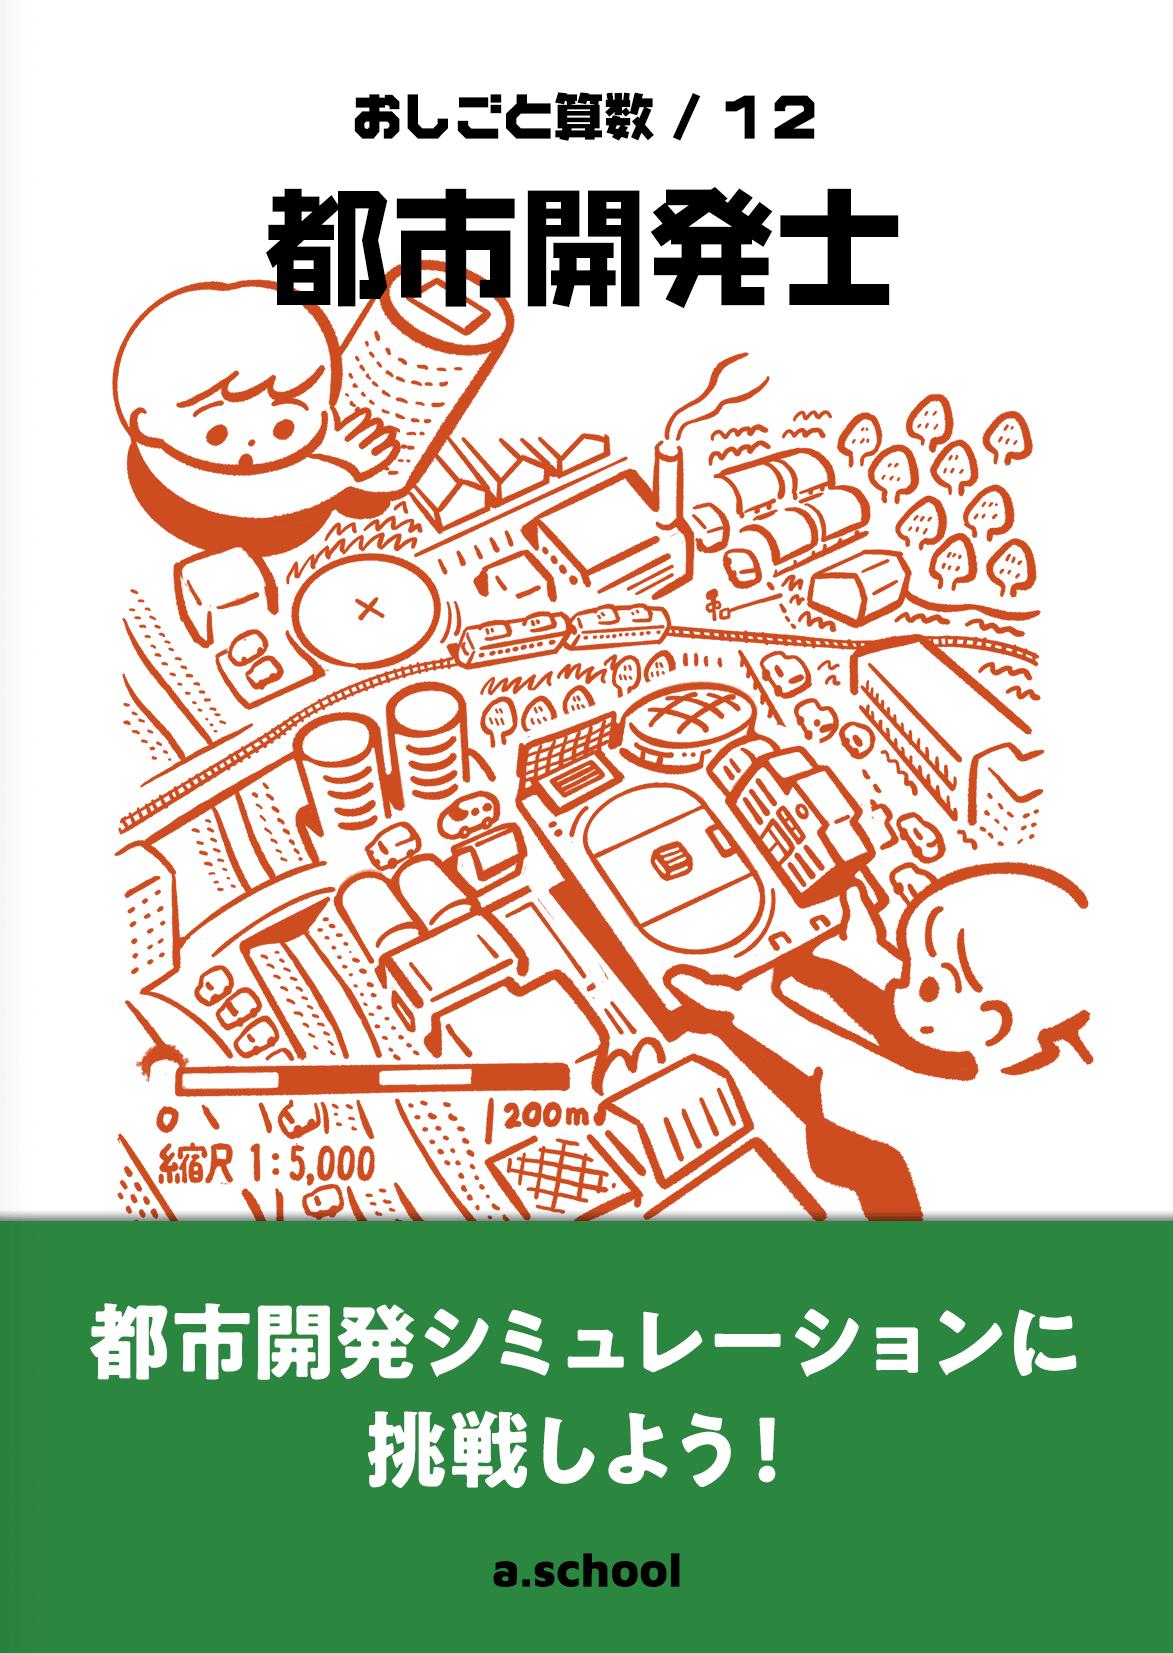 都市開発士